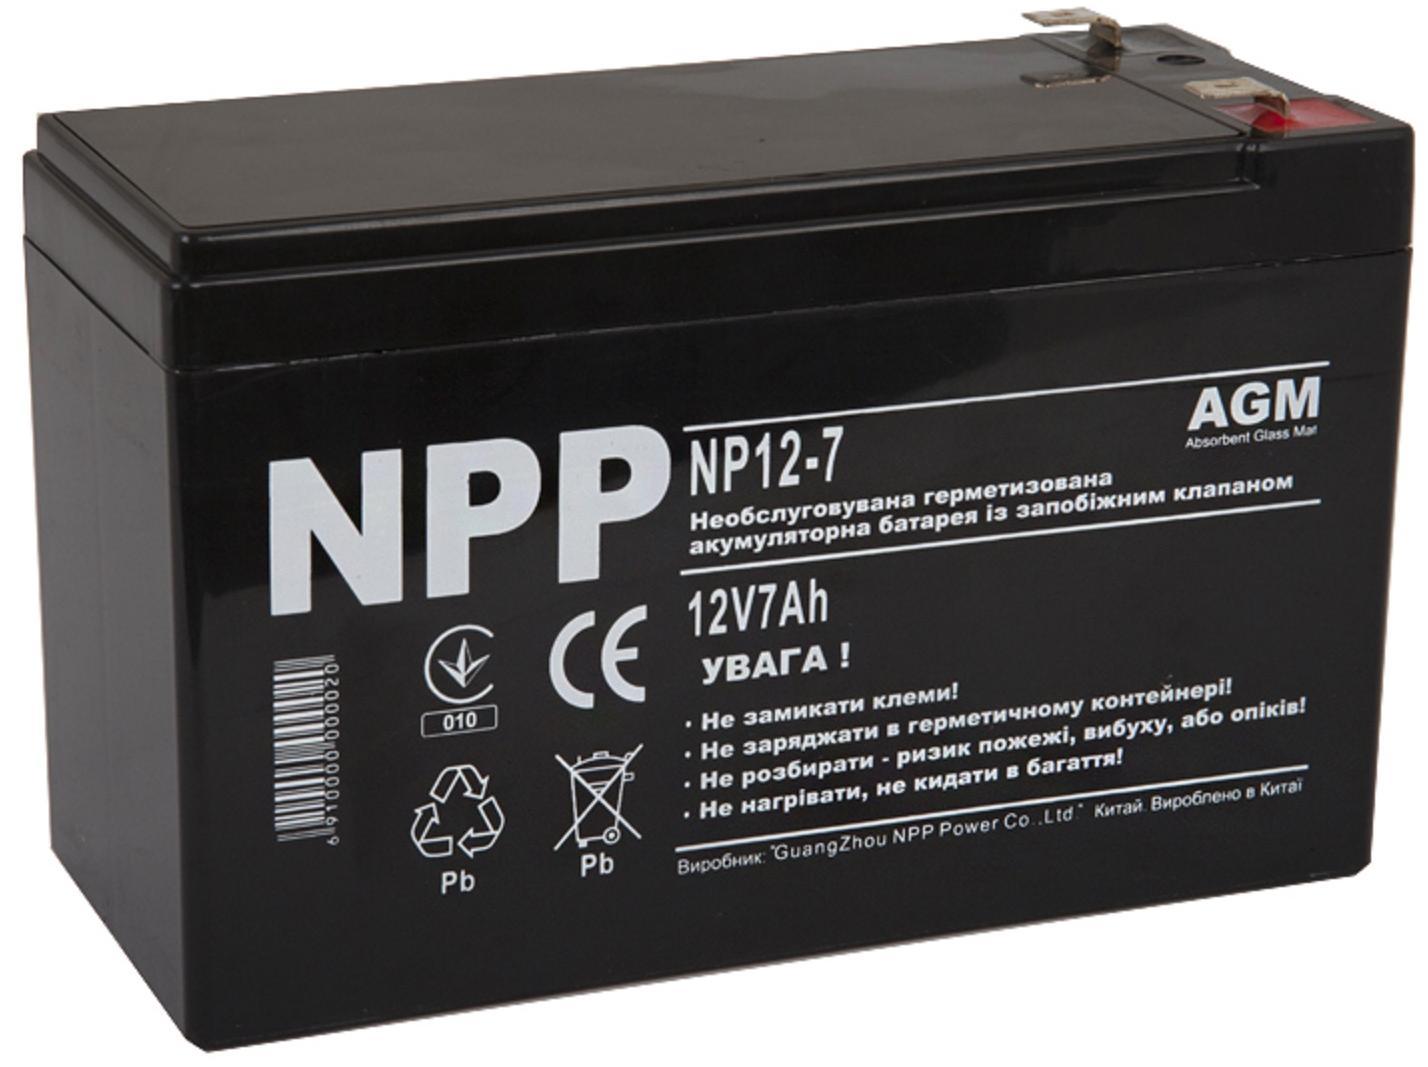 Купить Батарея для ПБЖ NPP 12V-7AН, NP12-7 (NPP)